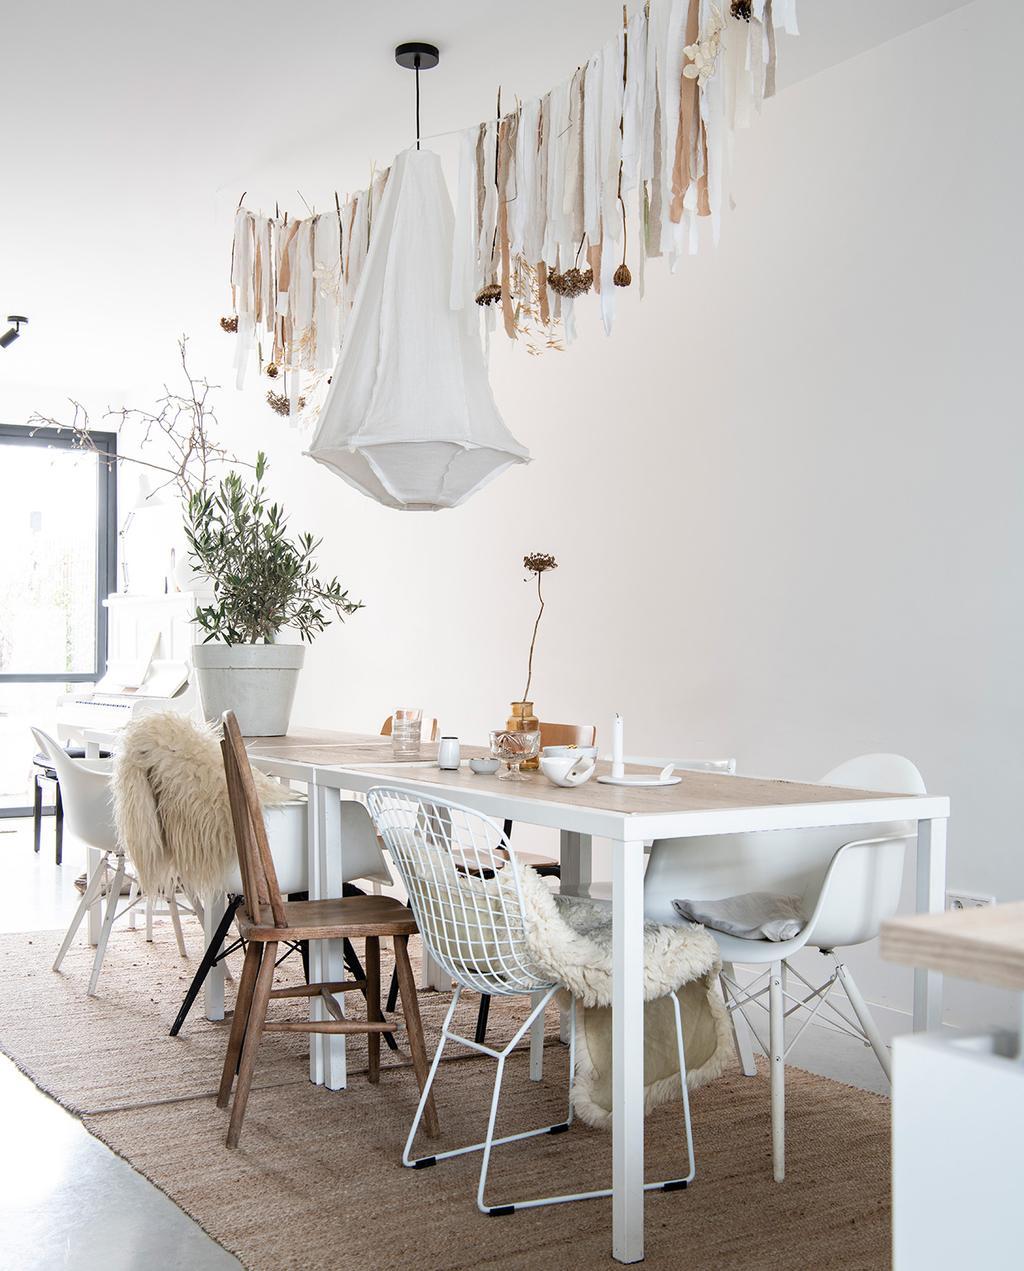 vtwonen 04-2021 | eettafel met verschillende stoelen